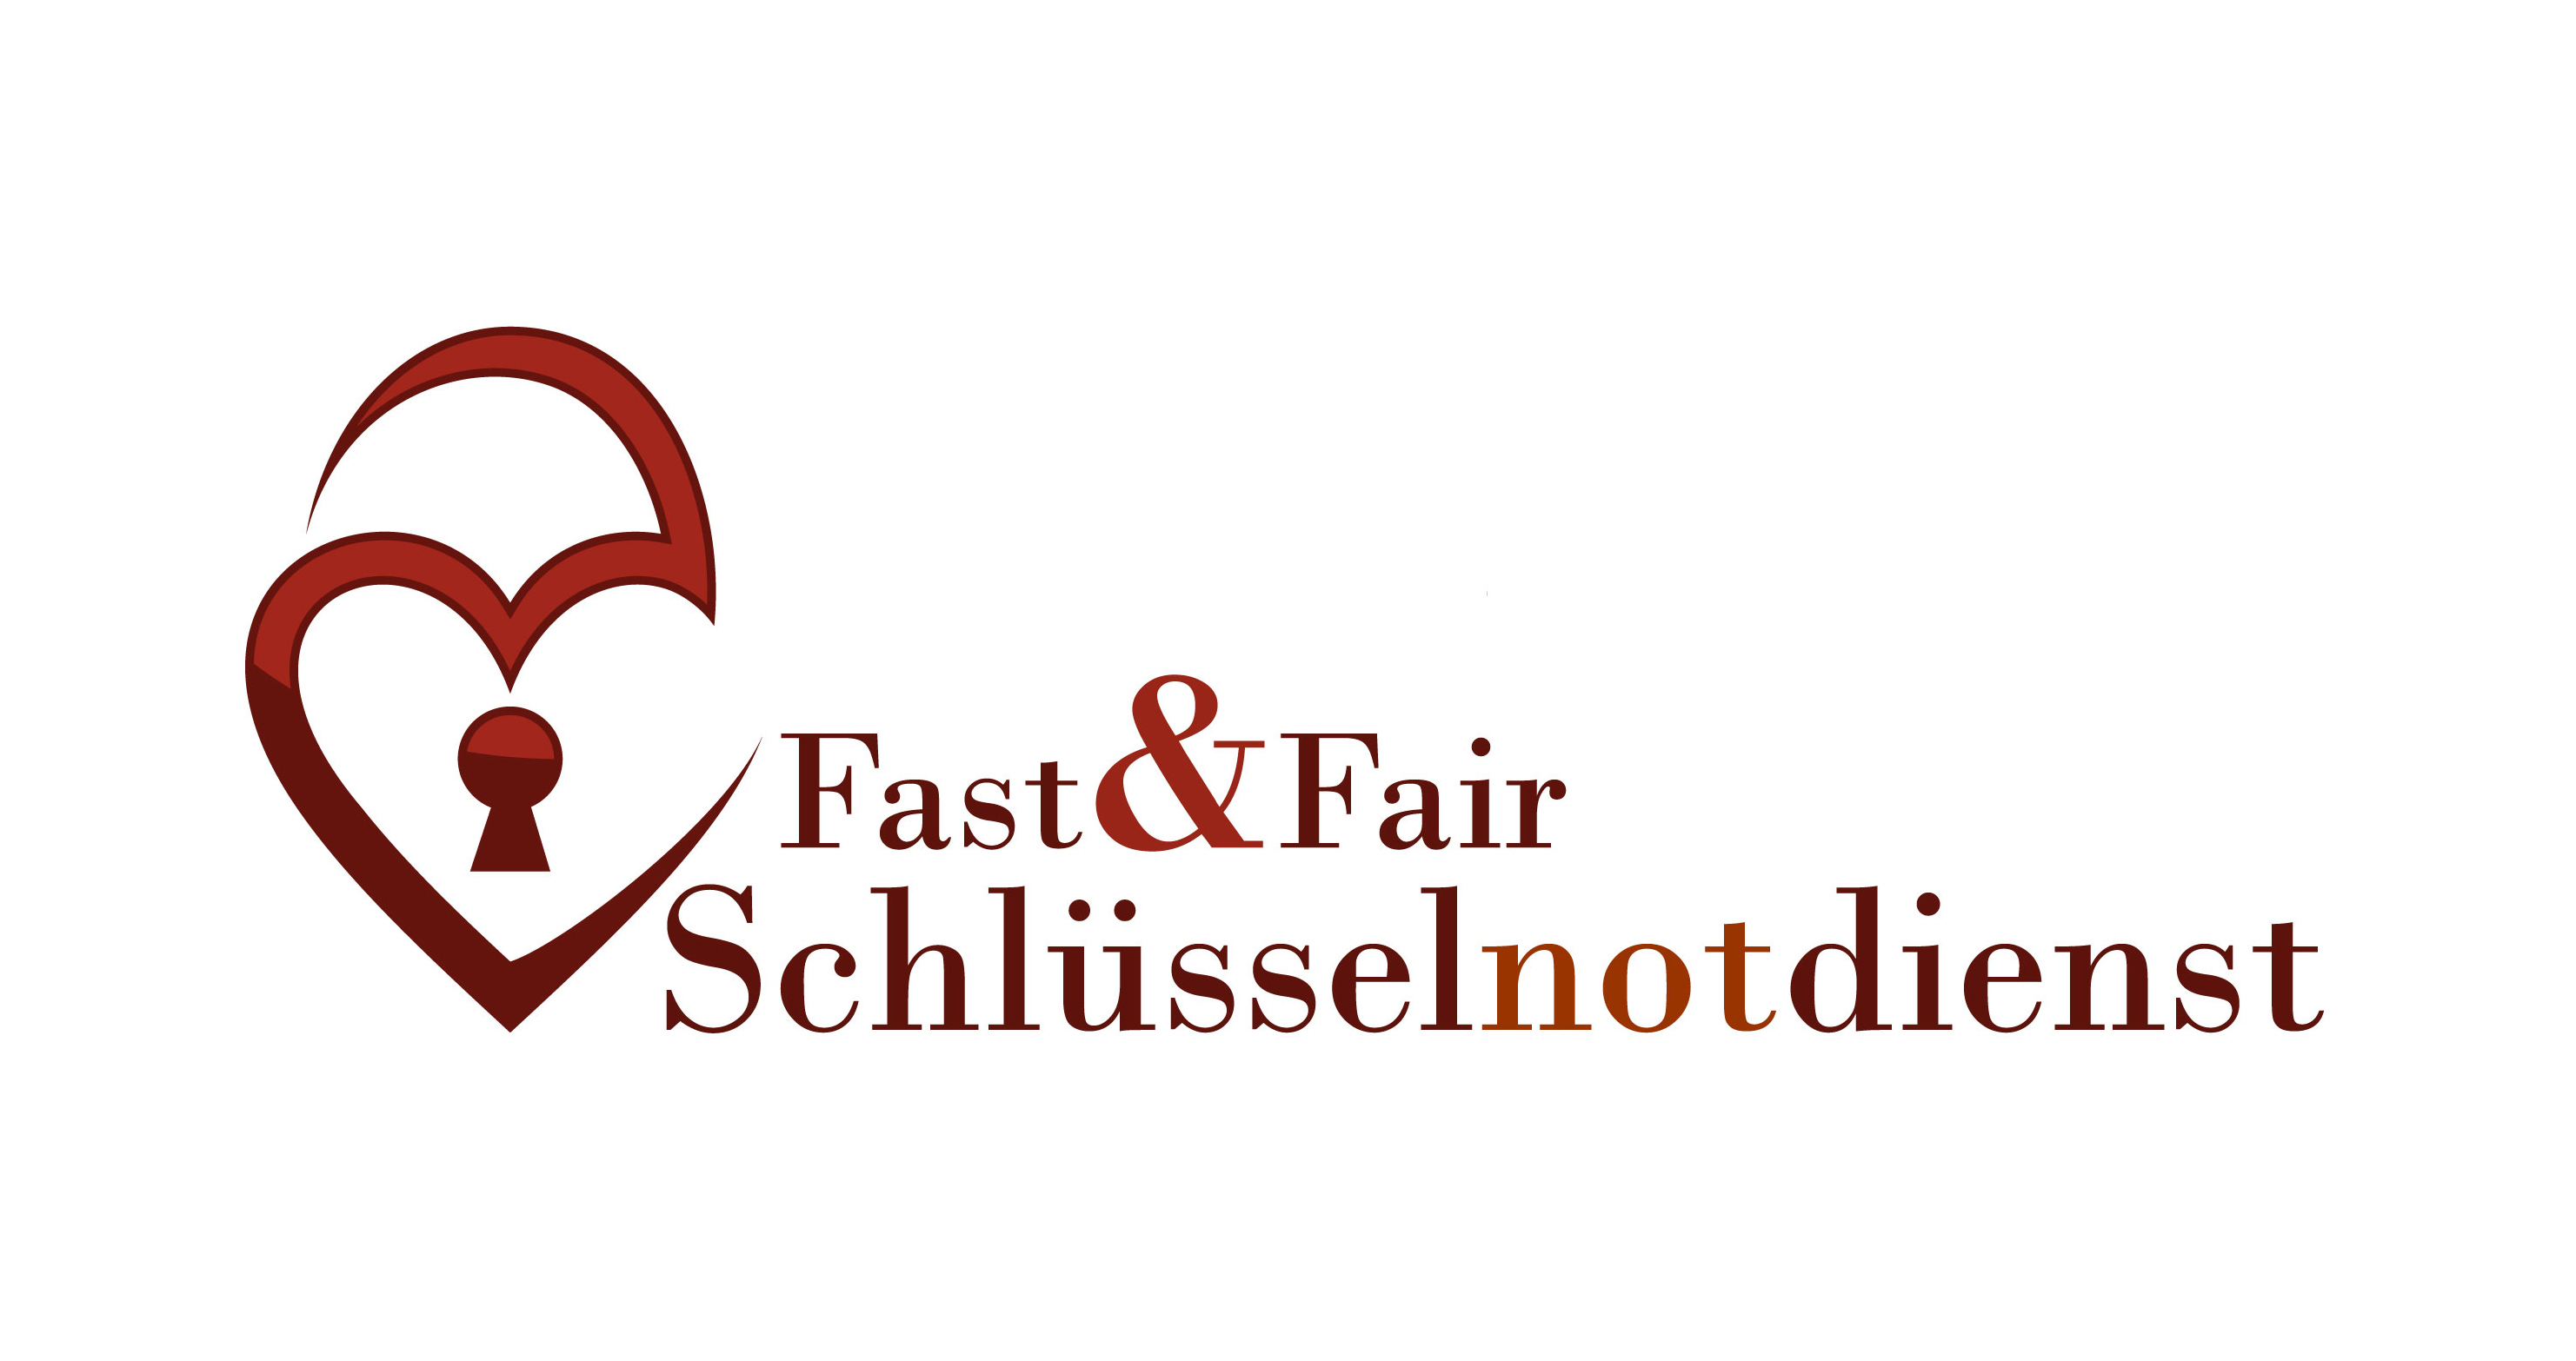 Fast&Fair Schlüsseldienst Essen, Schacht Neu-Cöln in Essen